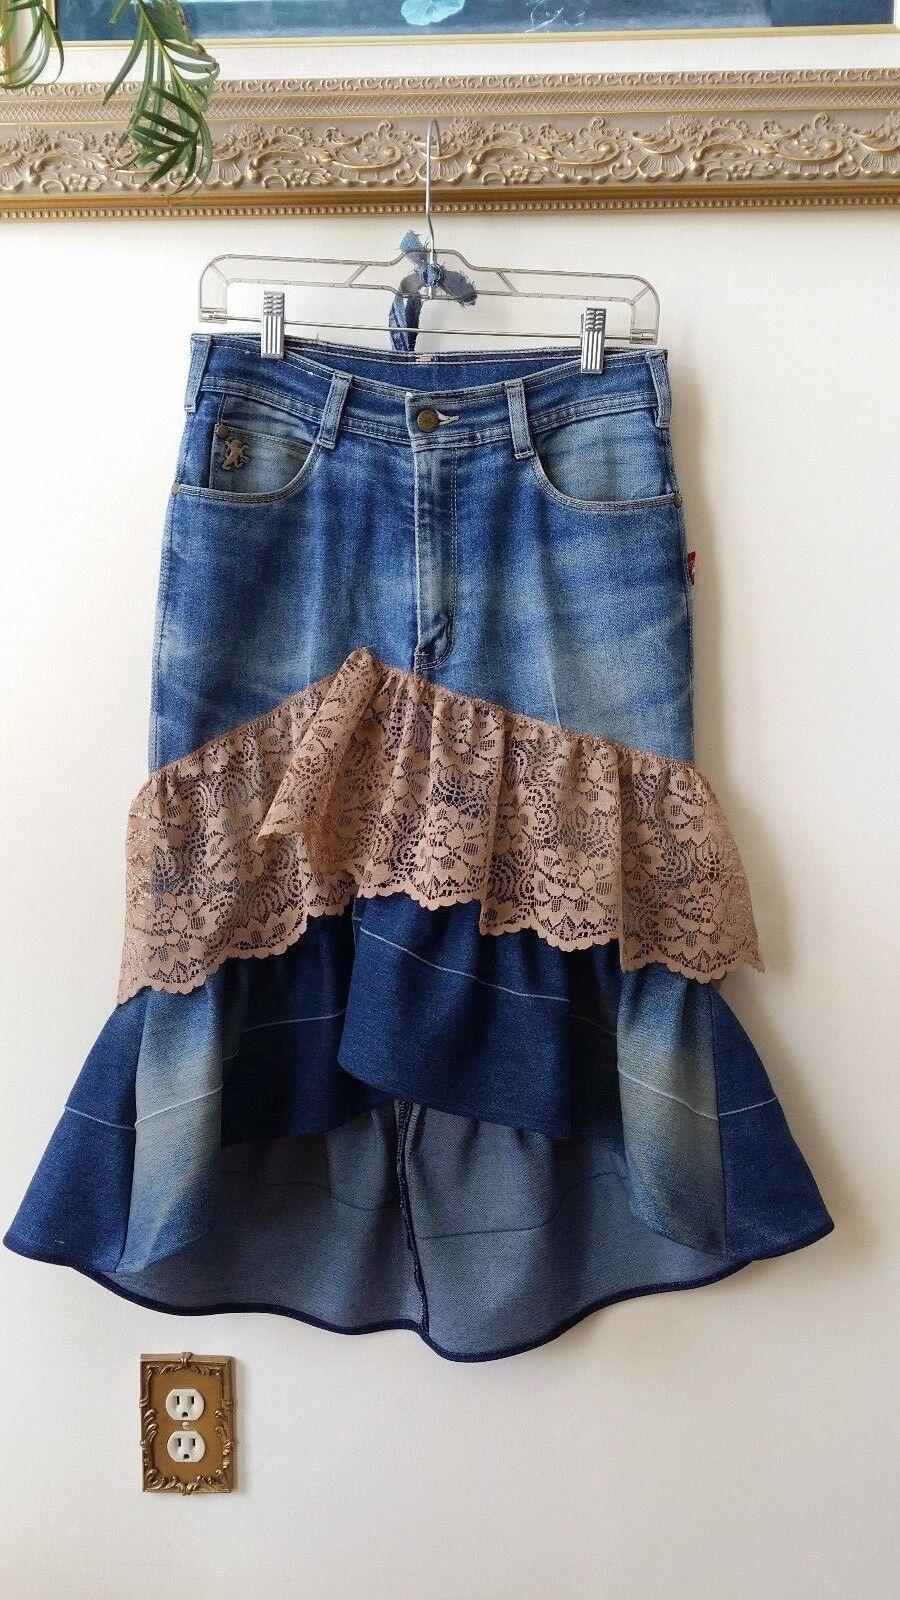 WOMEN'S RECONSTRUCTED ASYMMETRICAL DENIM RUFFLE SKIRT, Size 30  waist